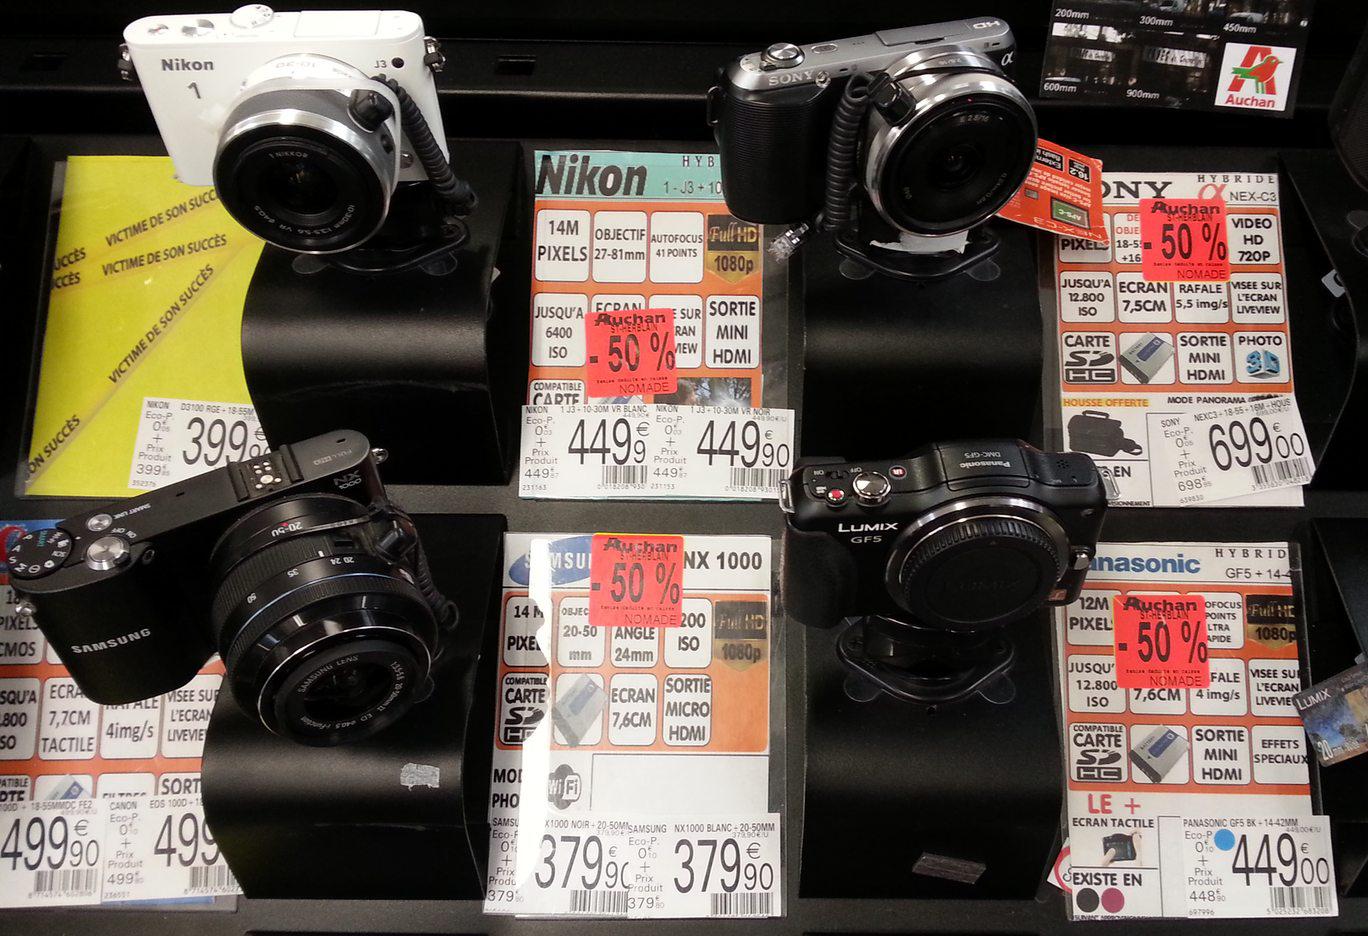 Sélection d'appareils photos compacts à -50% - Ex: Samsung NX-1000 + 20-50mm